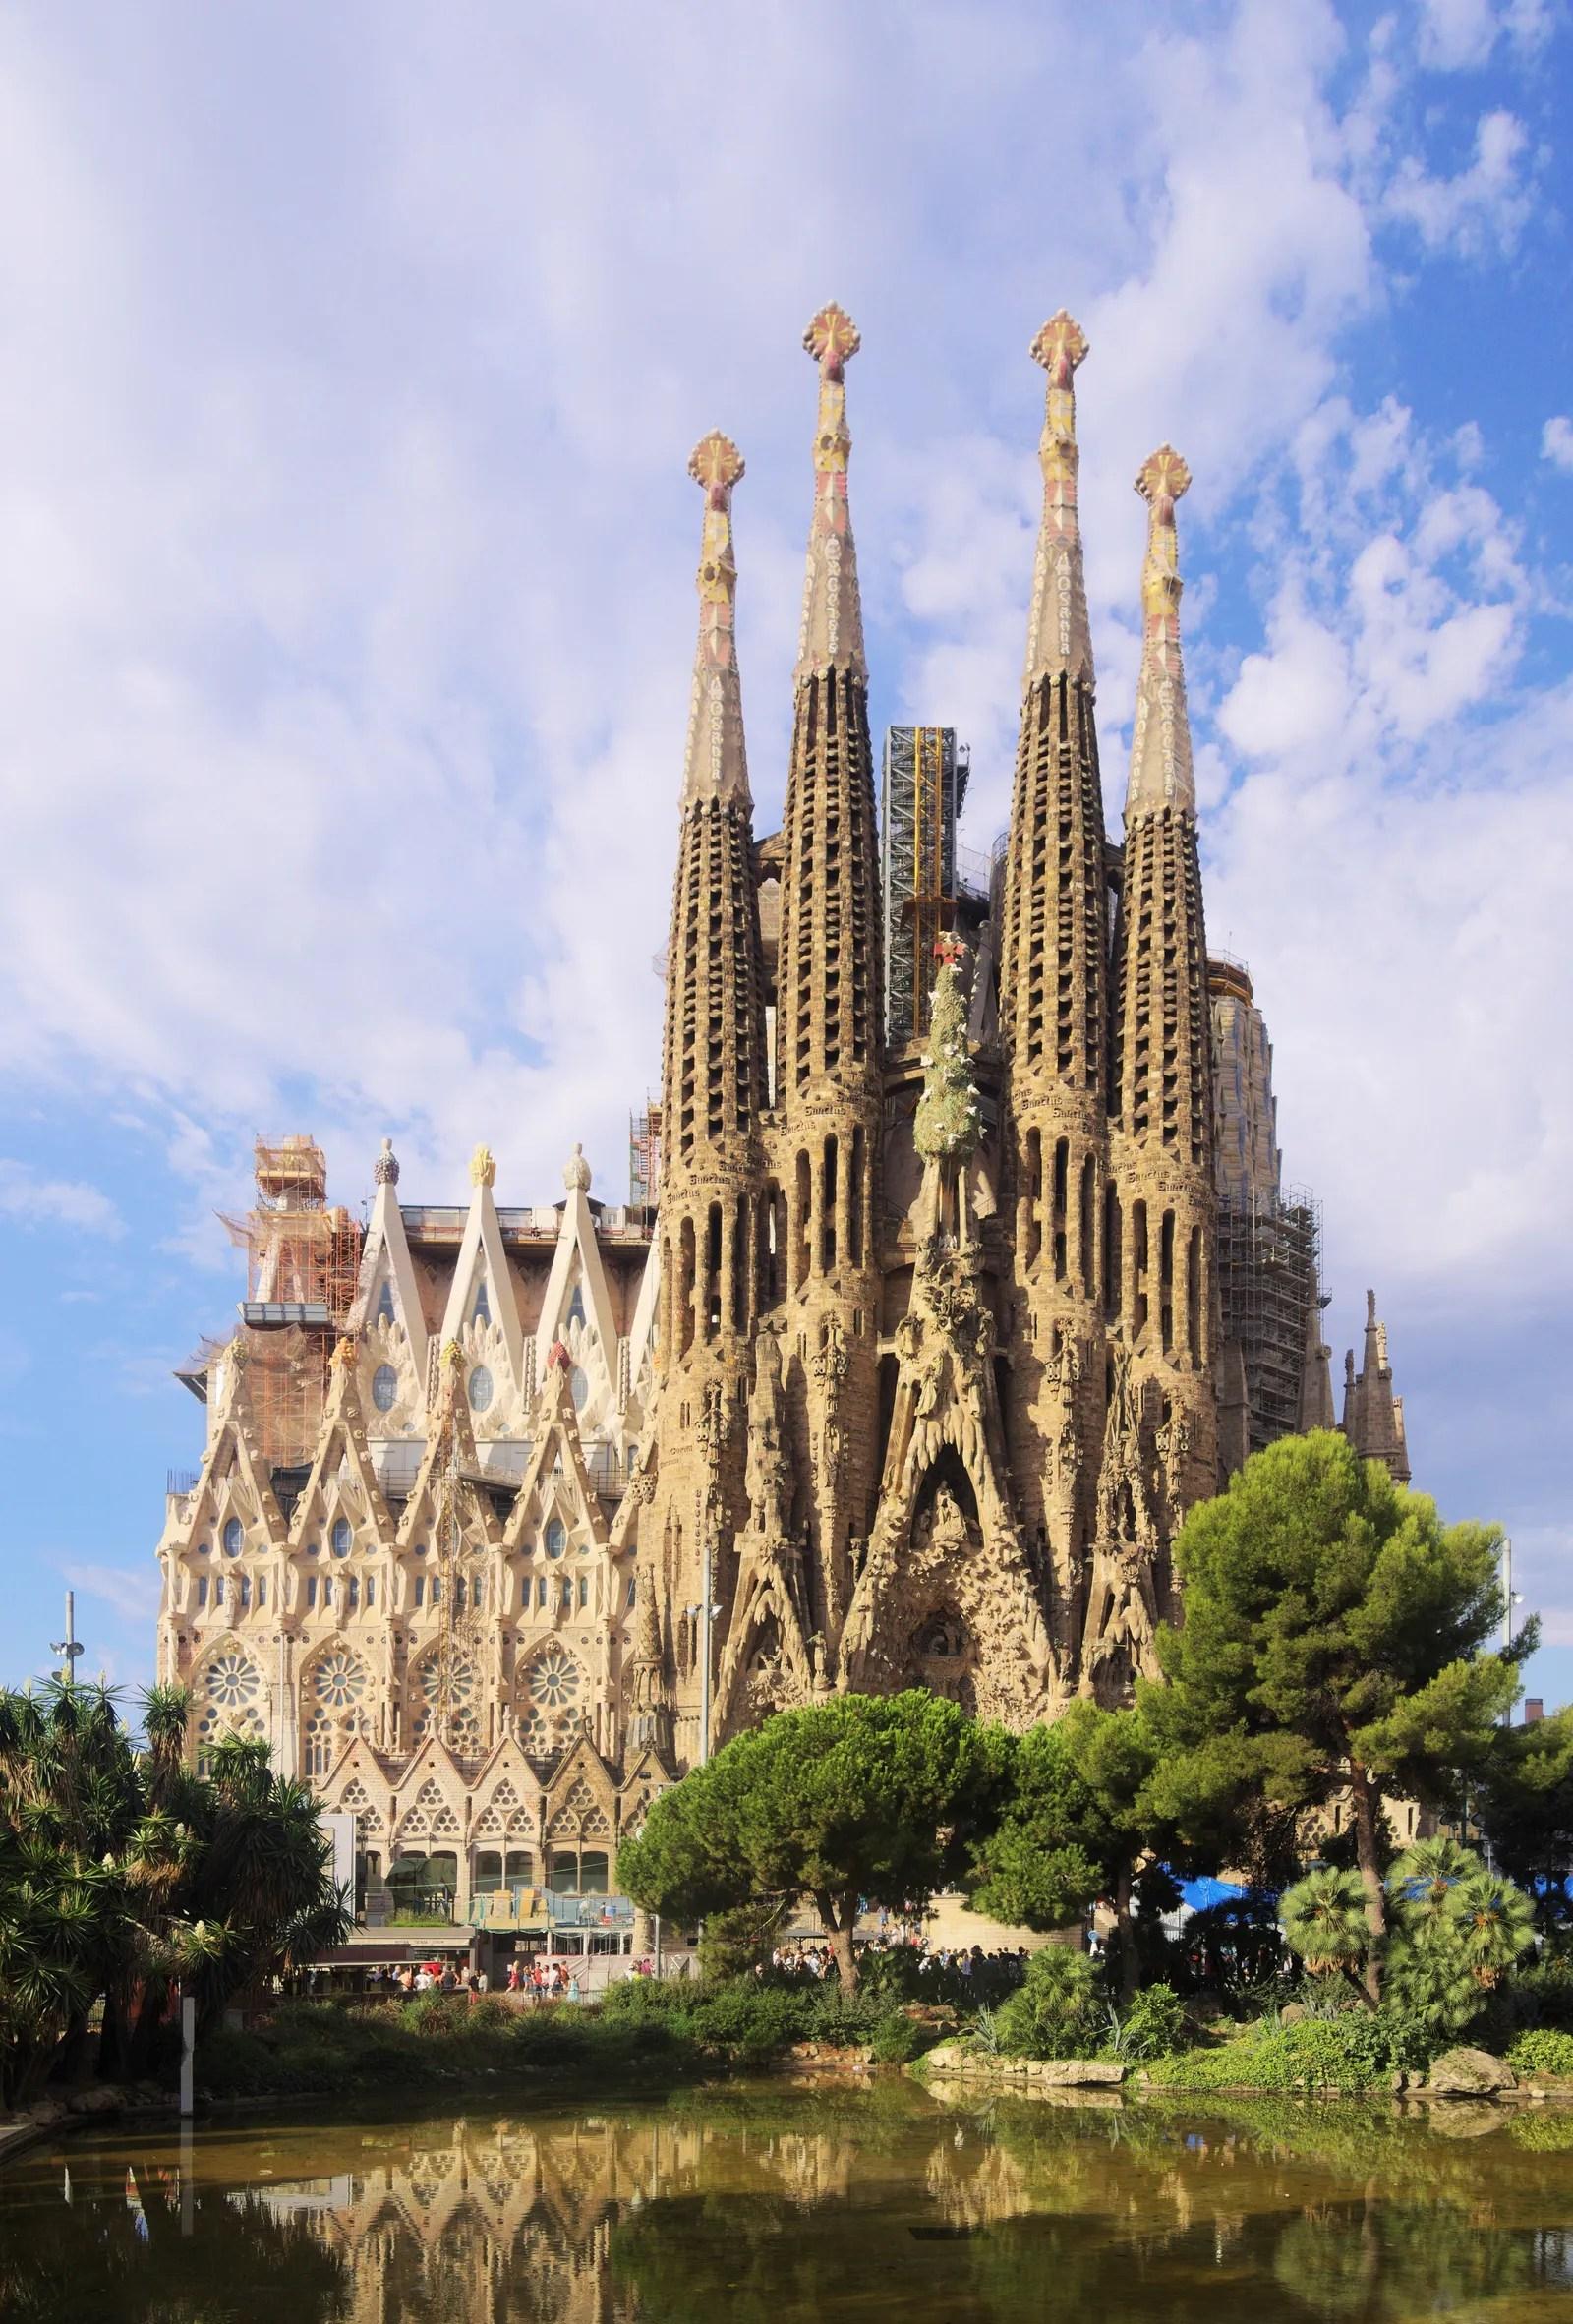 Les Plus Grandes Cathédrales De France : grandes, cathédrales, france, Beautiful, Cathedrals, World, Vogue, Paris